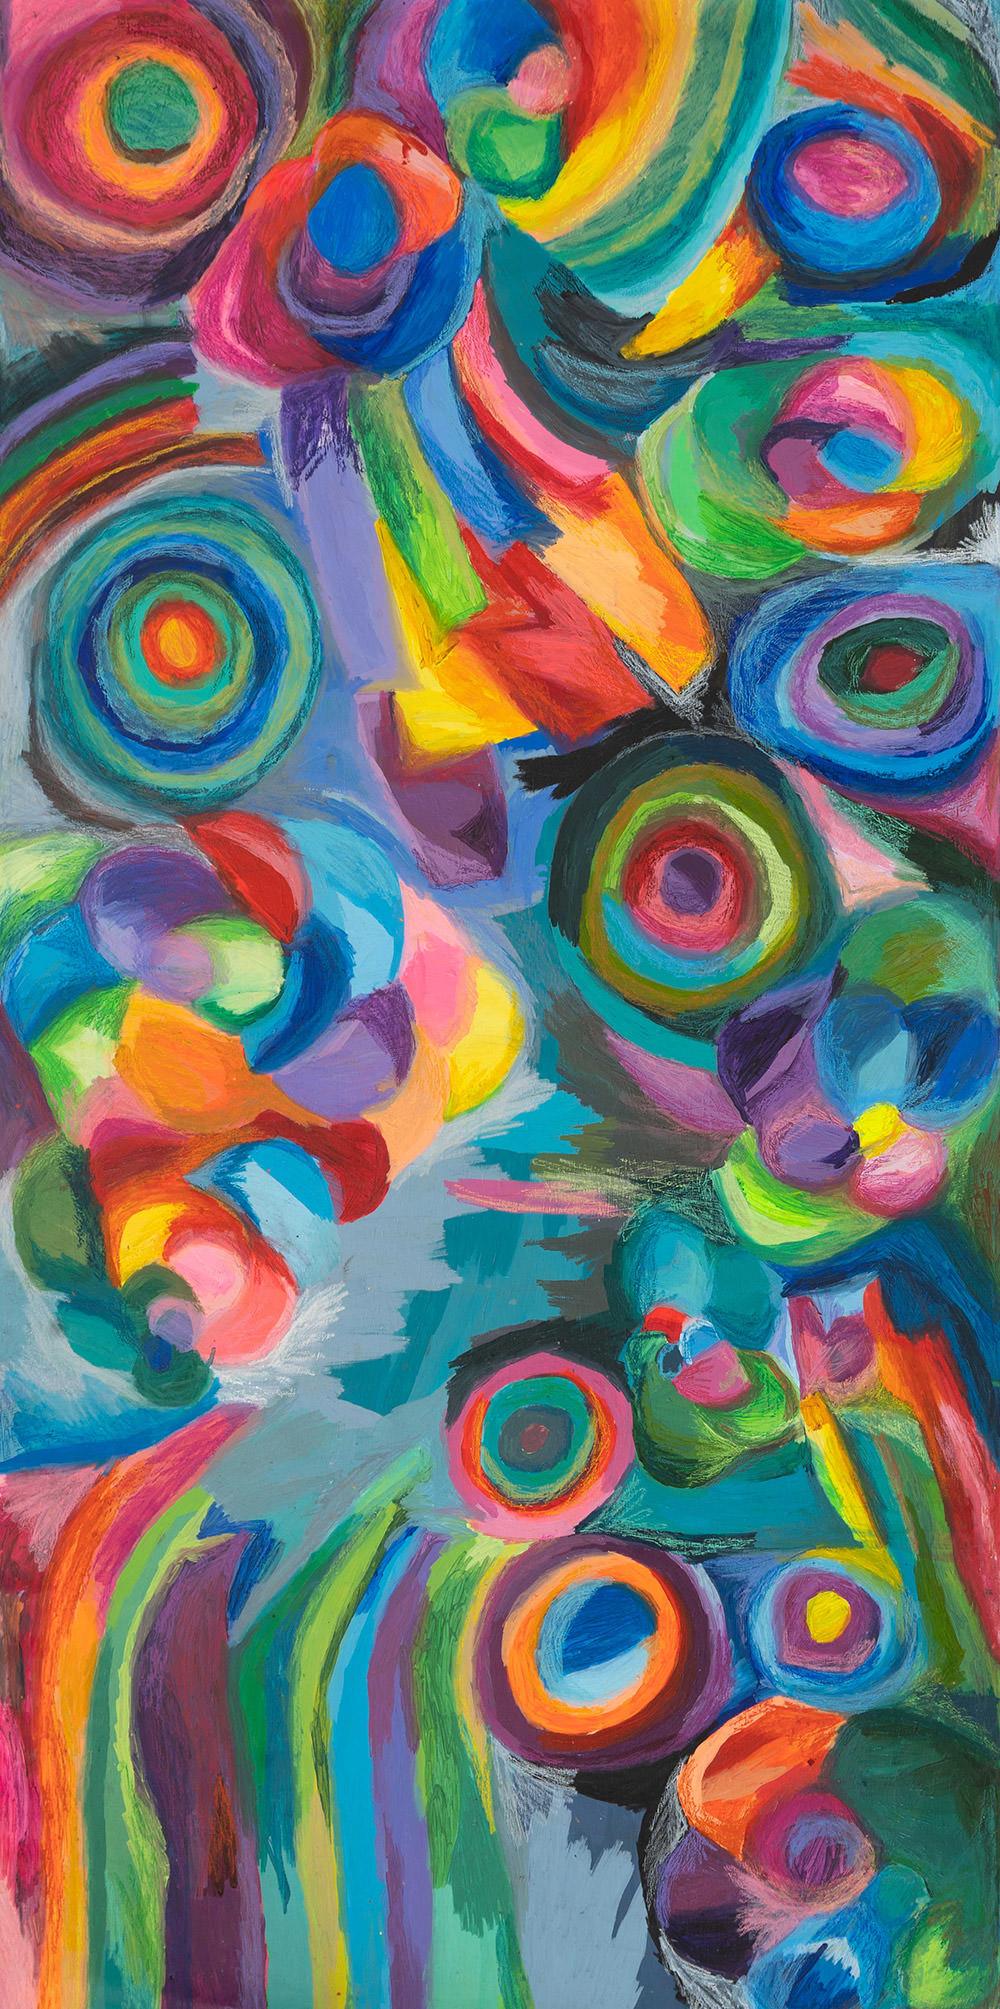 Forme in movimento 2020 - Colori acrilici cere acquerellabili su tela cm 215x104 (al vivo)